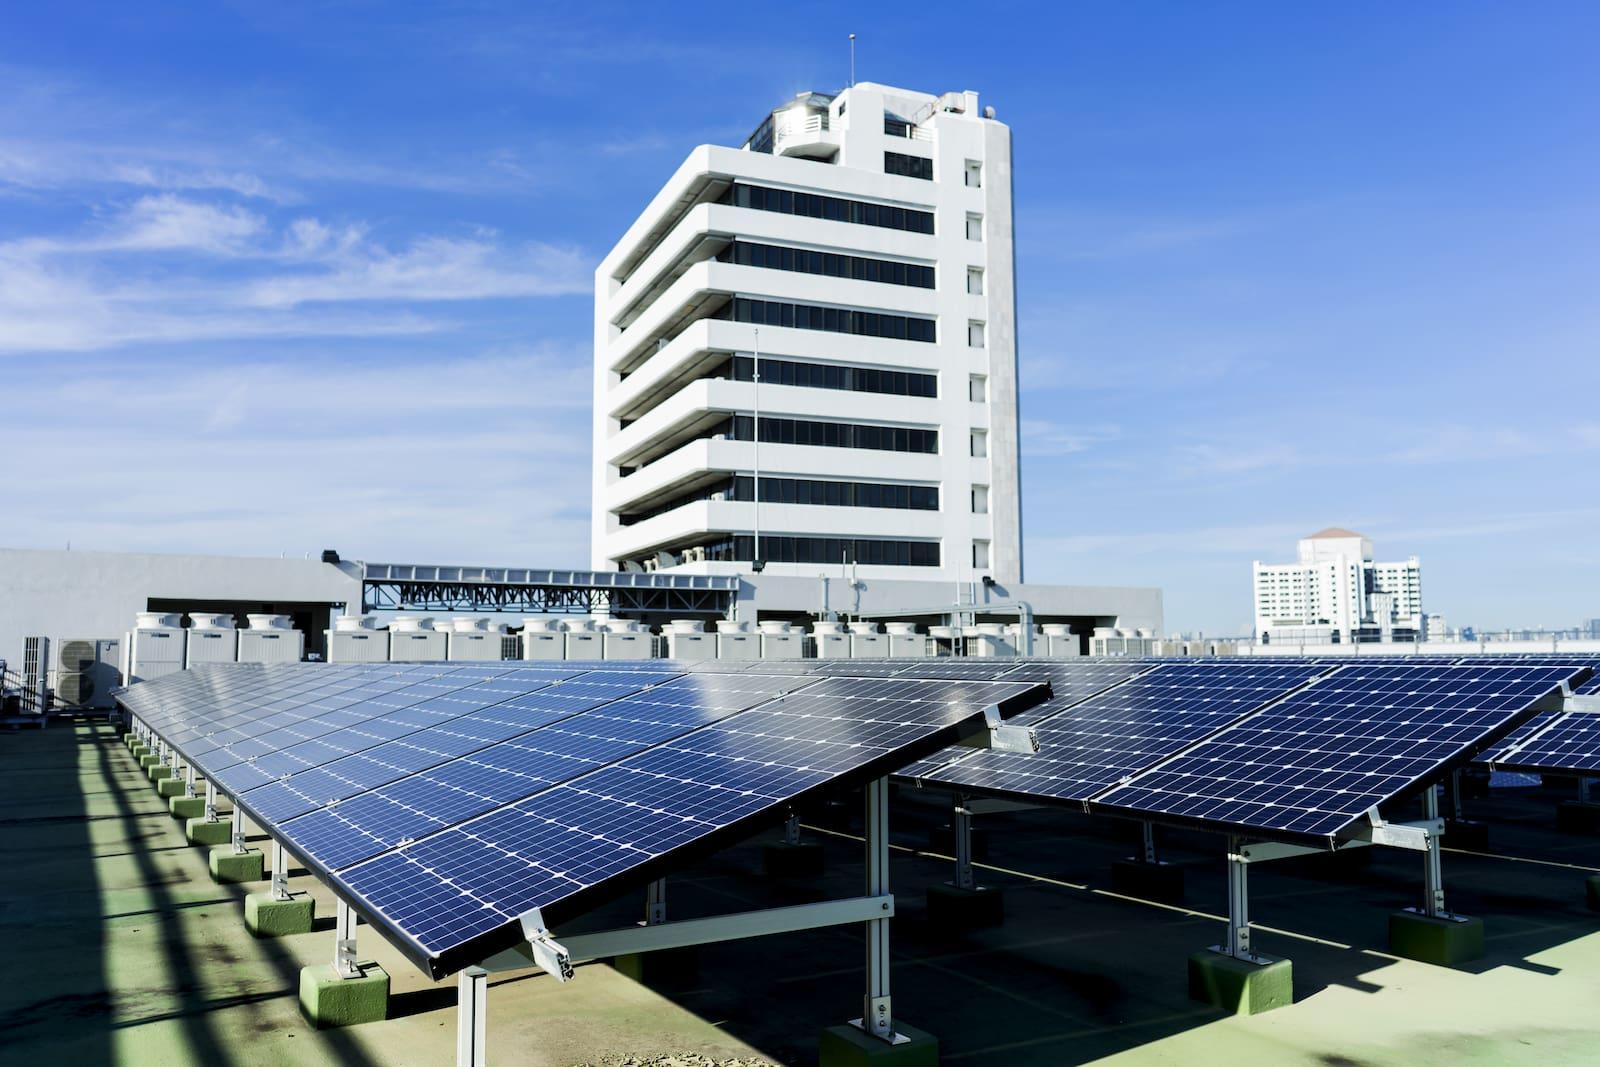 instalaciones fotovoltaicas en edificios en altura